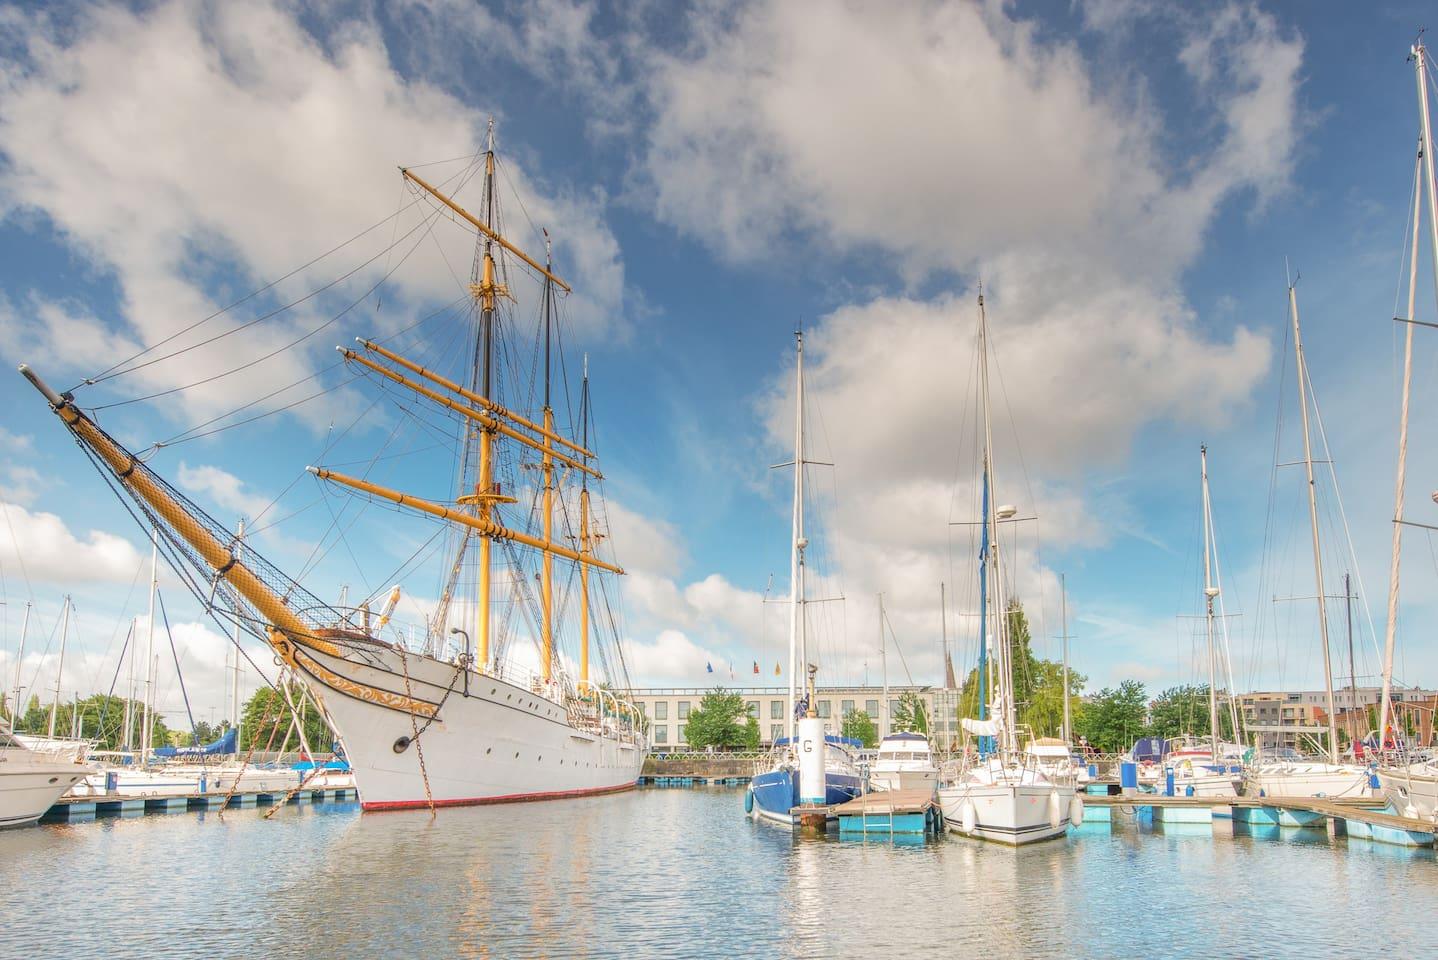 Vlakbij jachthaven Oostende